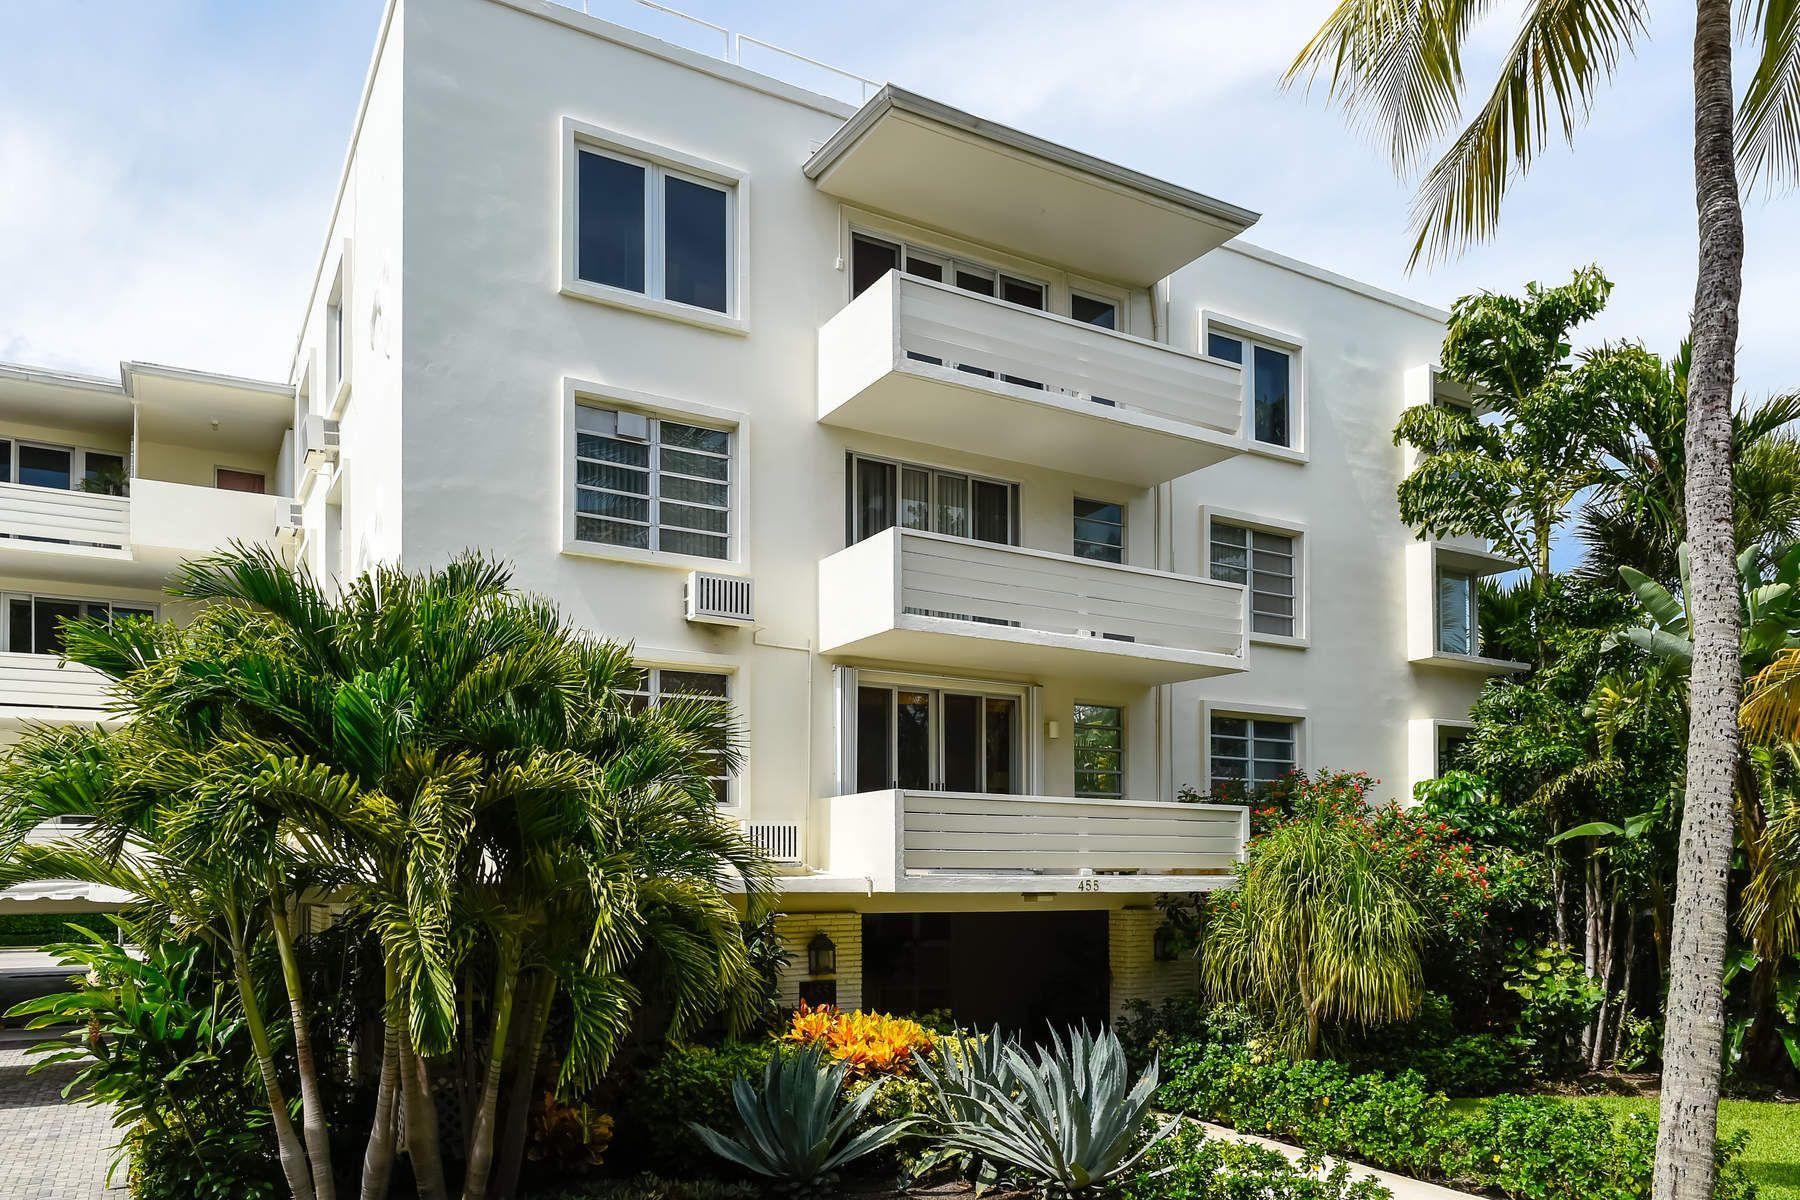 共管式独立产权公寓 为 出租 在 Fabulous Intracoastal Views 455 Worth Ave 407, 棕榈滩, 佛罗里达州, 33480 美国